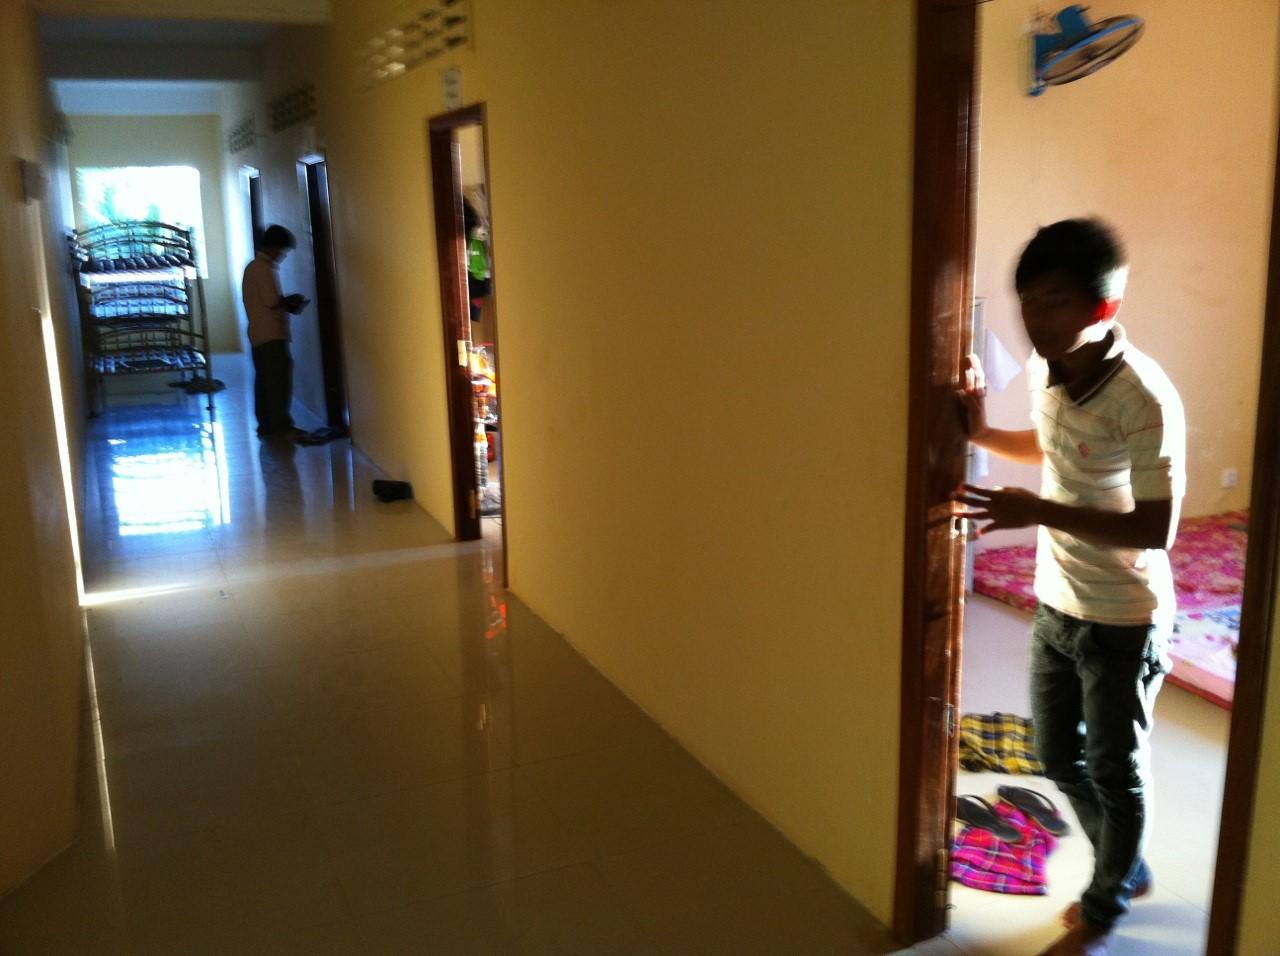 Un couloir de l'orphelinat